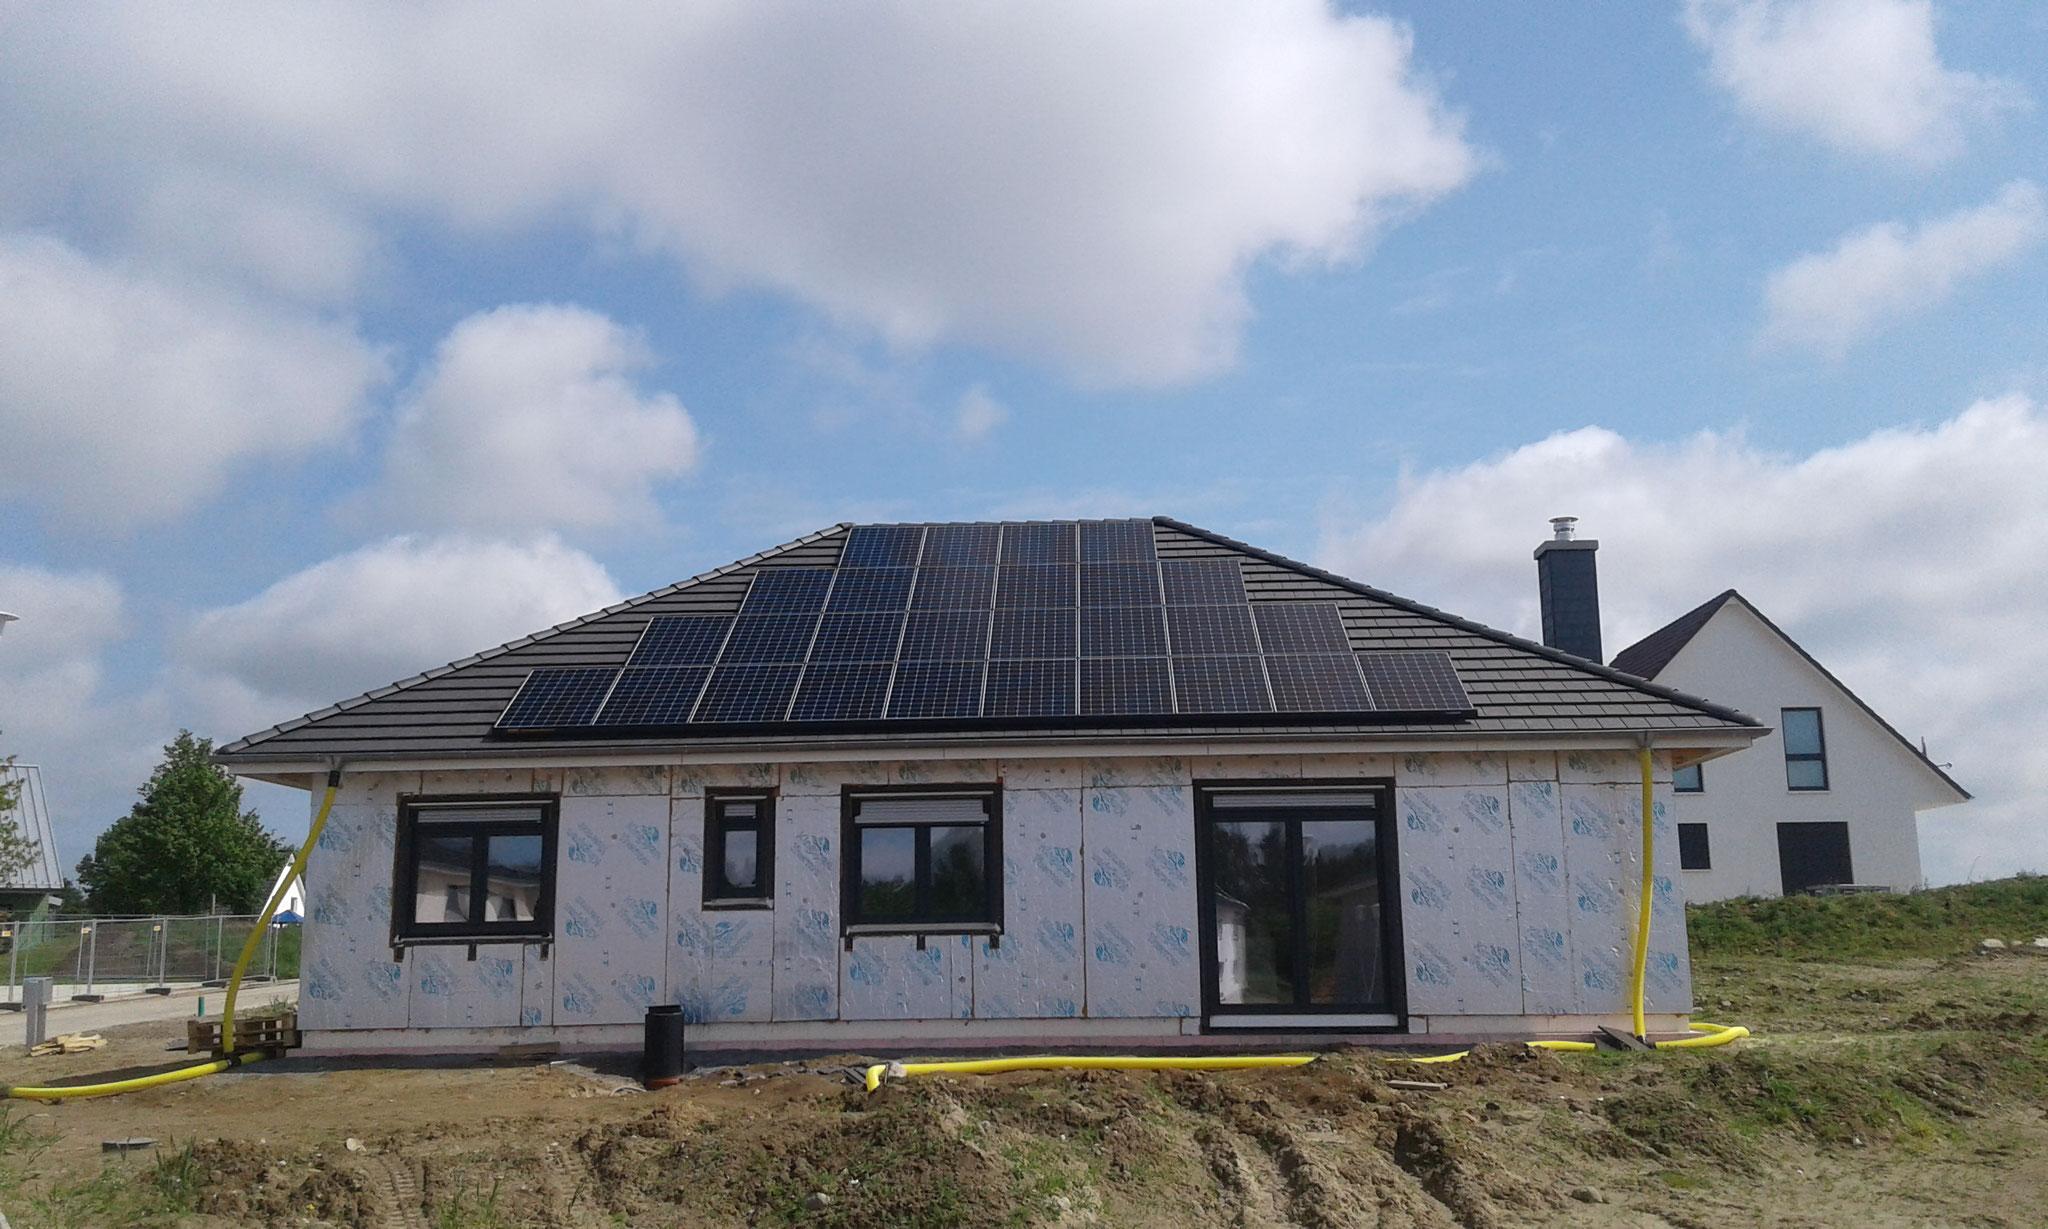 10 kWp Sunpower Süd/West, Solaredge Wechselrichter inkl. 10 kW Senec Speicher und Cloud 2.0 in Satow bei Bad Doberan